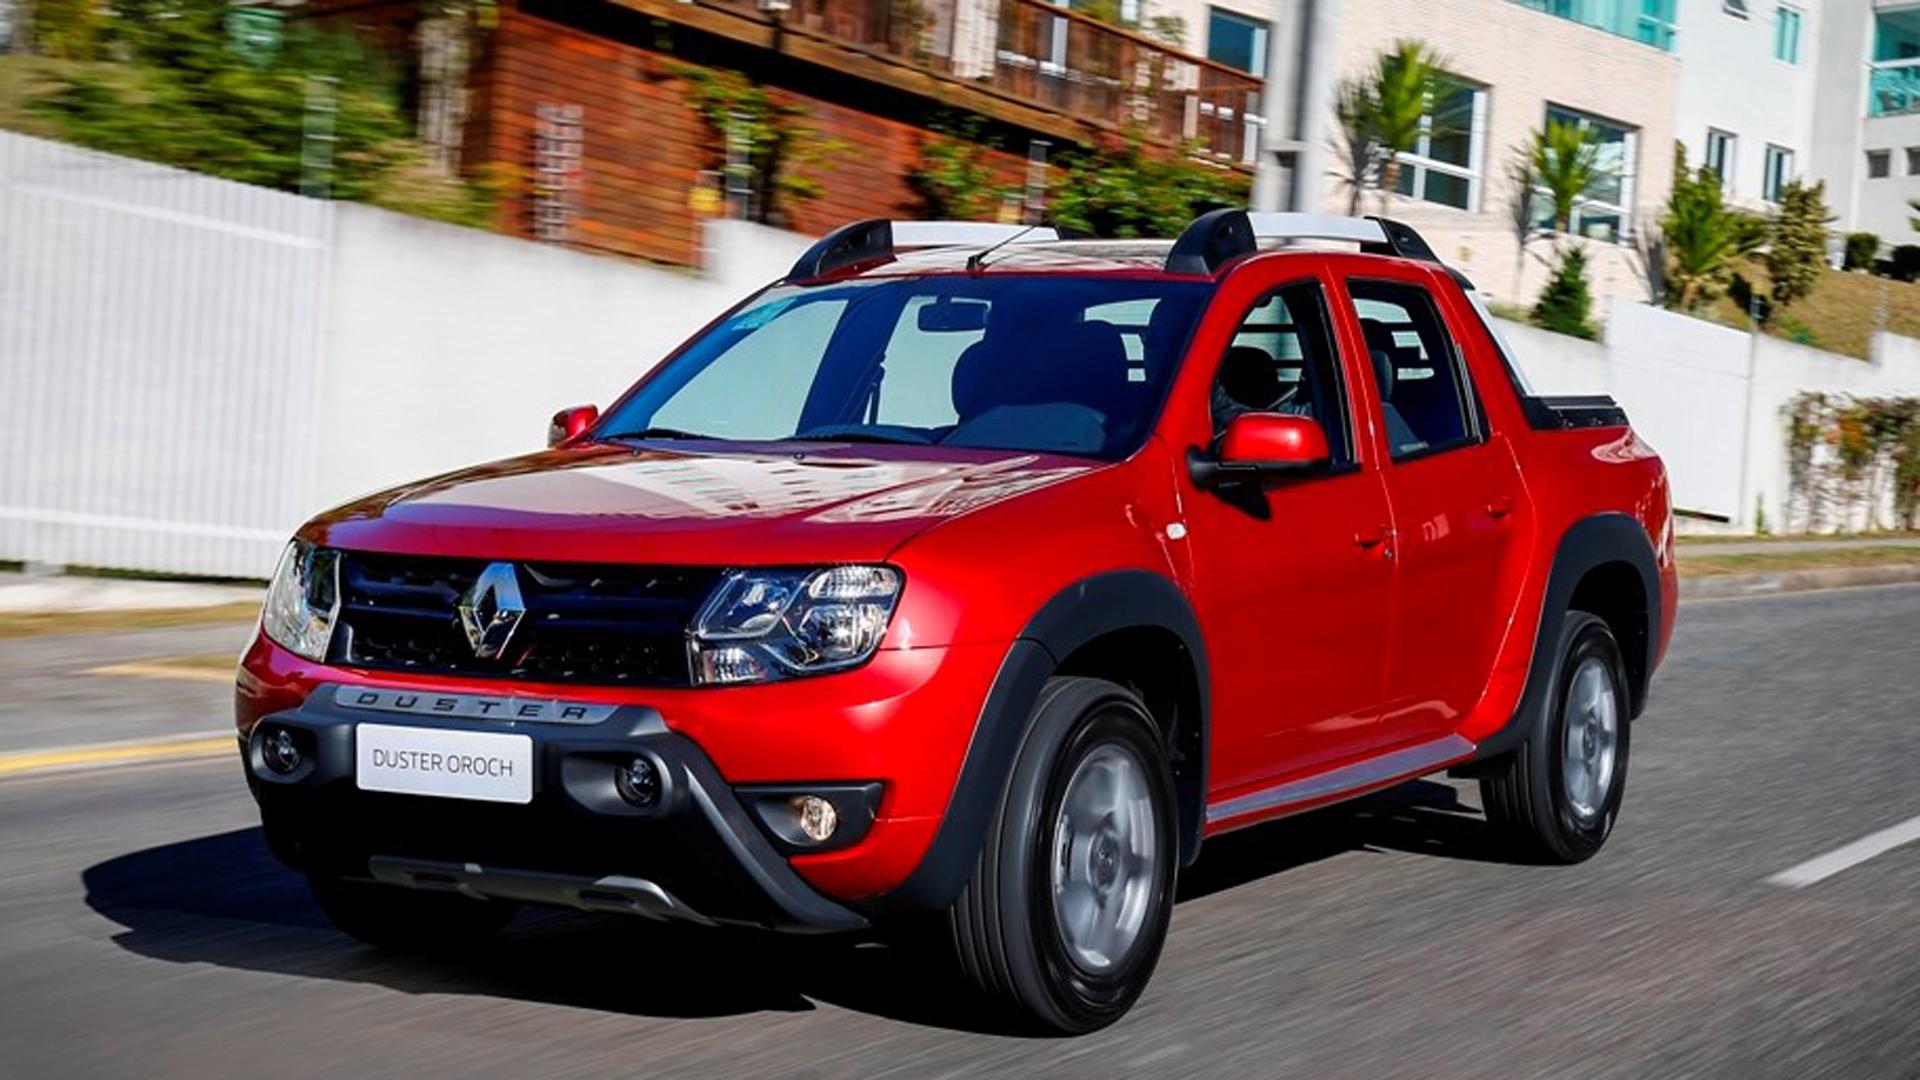 Renault Duster Oroch. Se vende en el país desde 2016 y será uno de los rivales de la pick up Volkswagen. Foto: Renault.